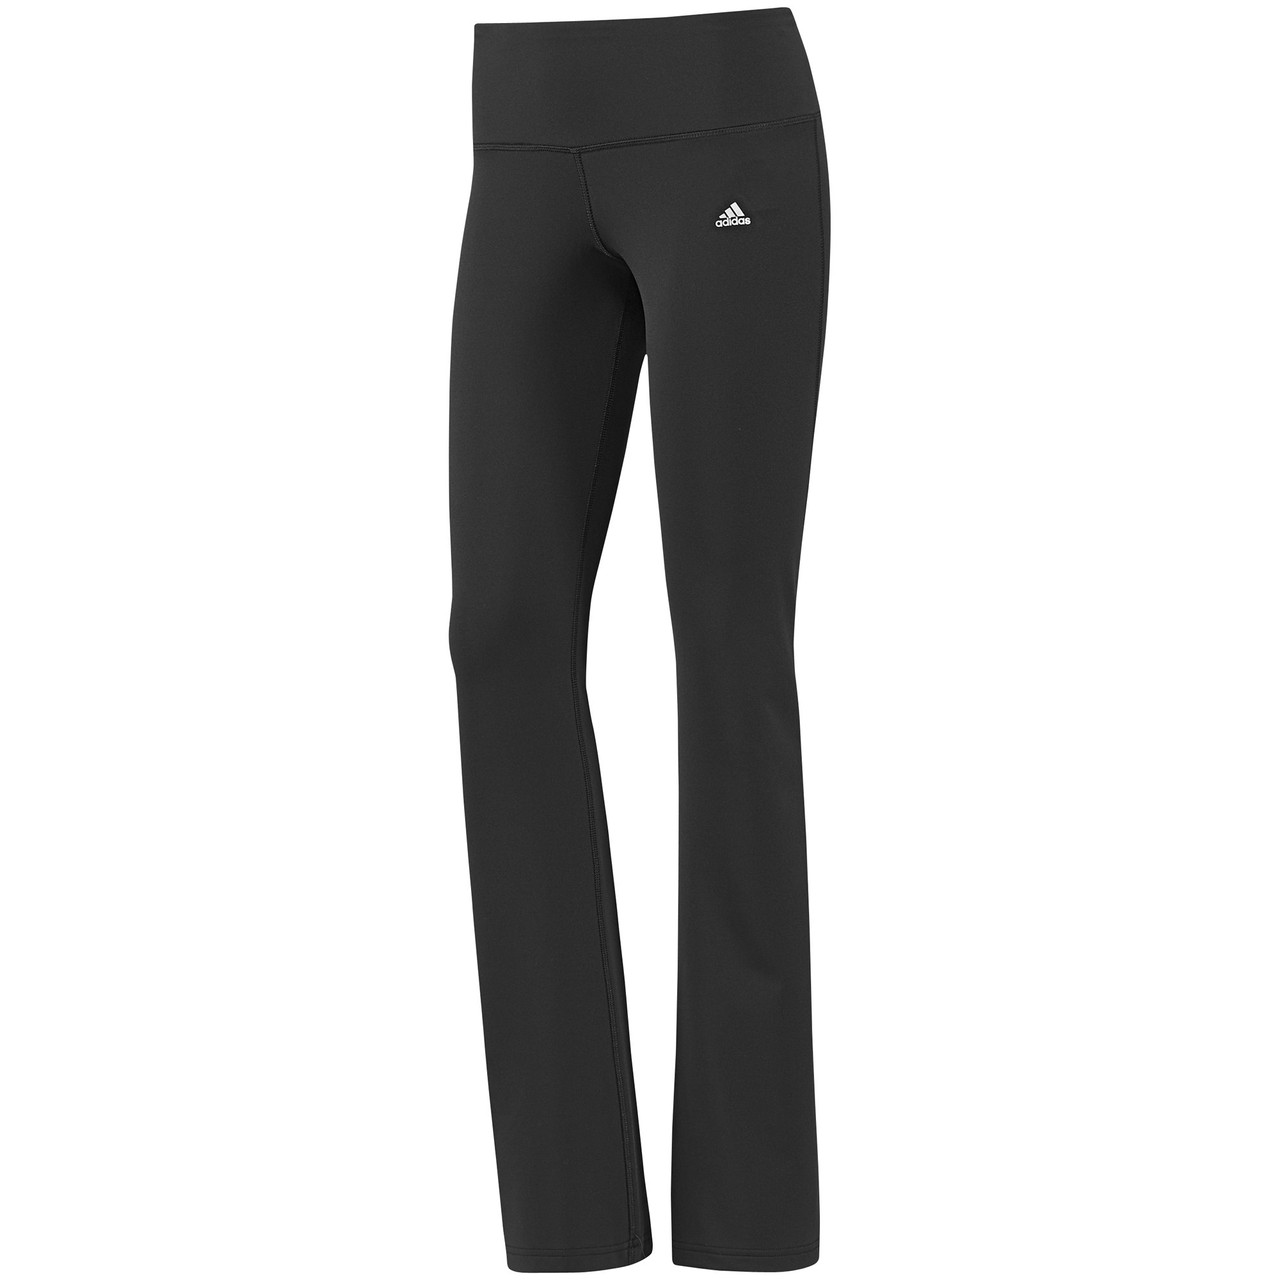 Adidas брюки женские доставка